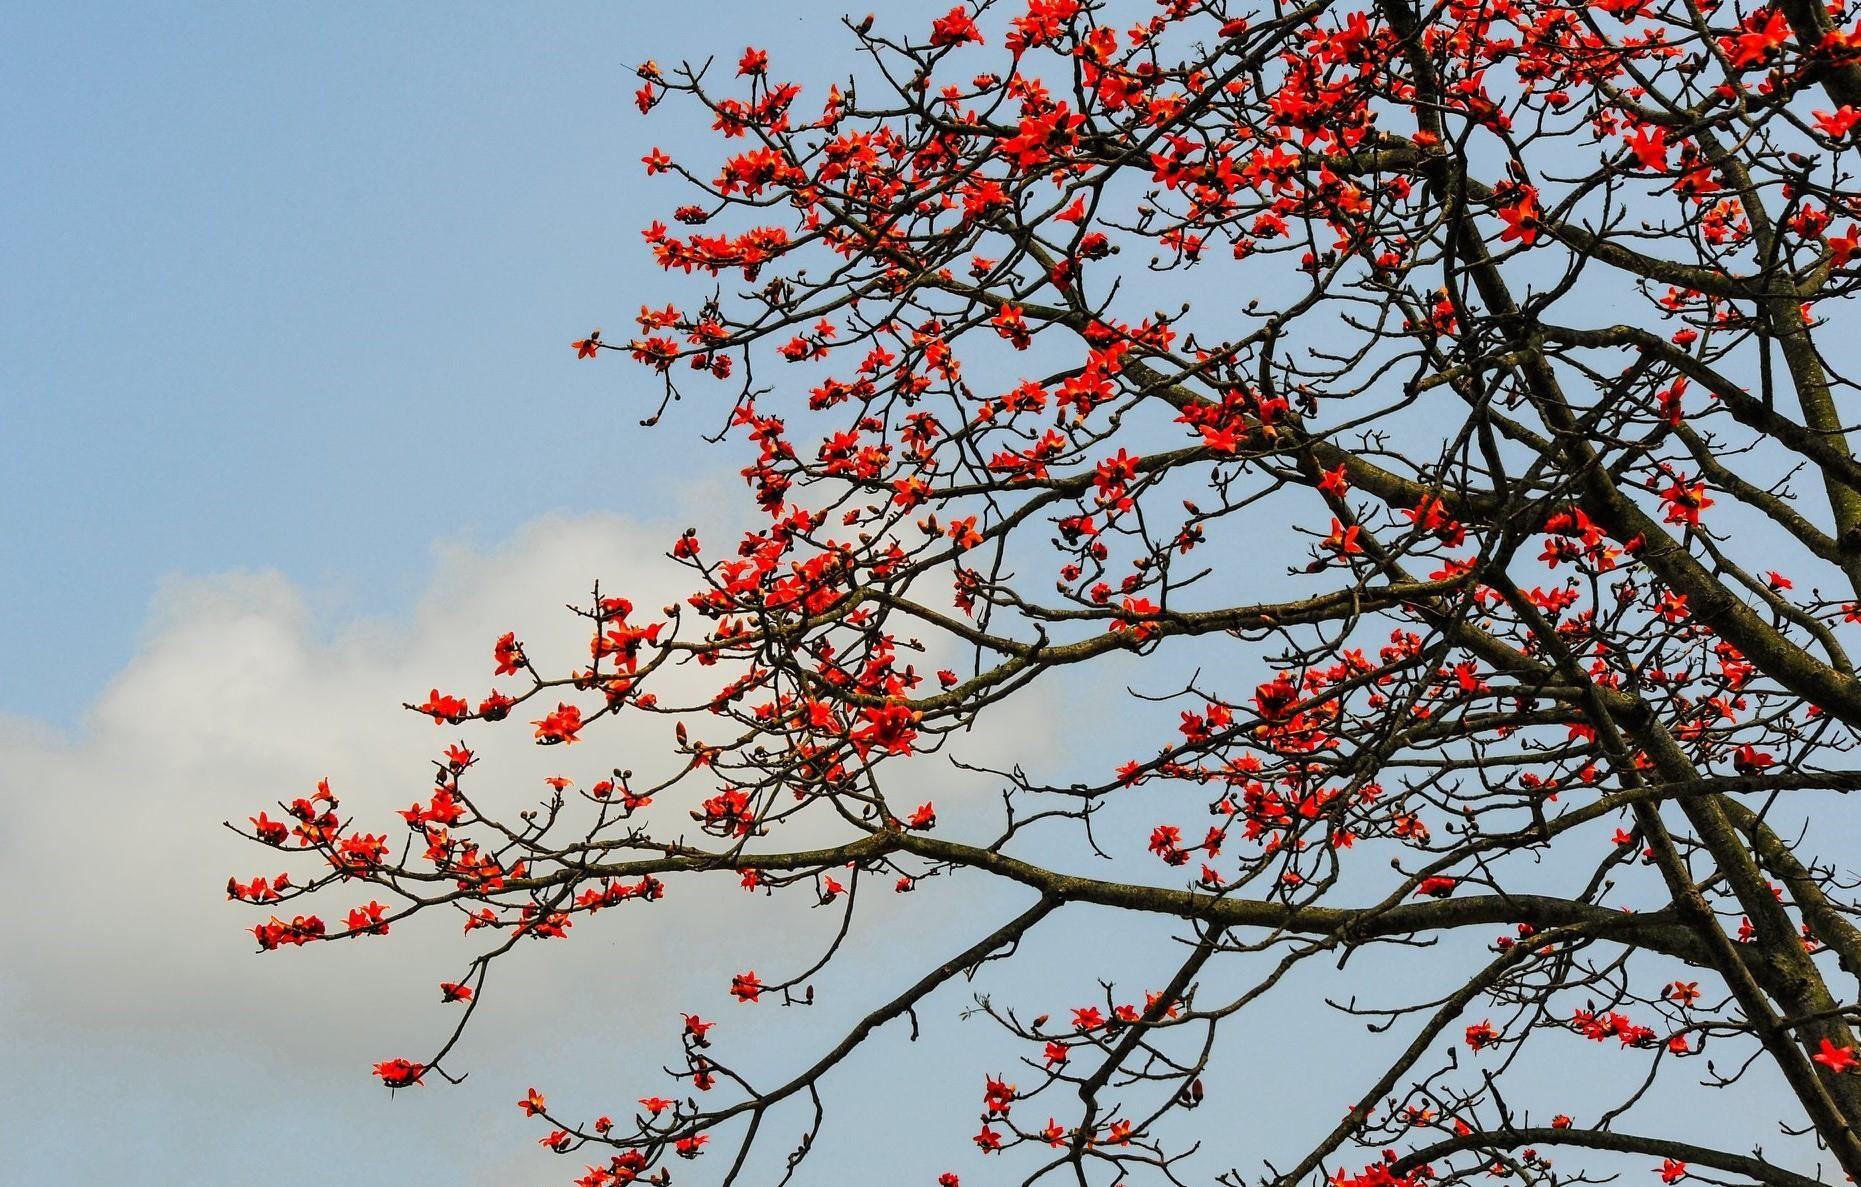 Ngỡ ngàng trước cảnh sắc hoa gạo đỏ rực trời khắp mọi miền đất ...